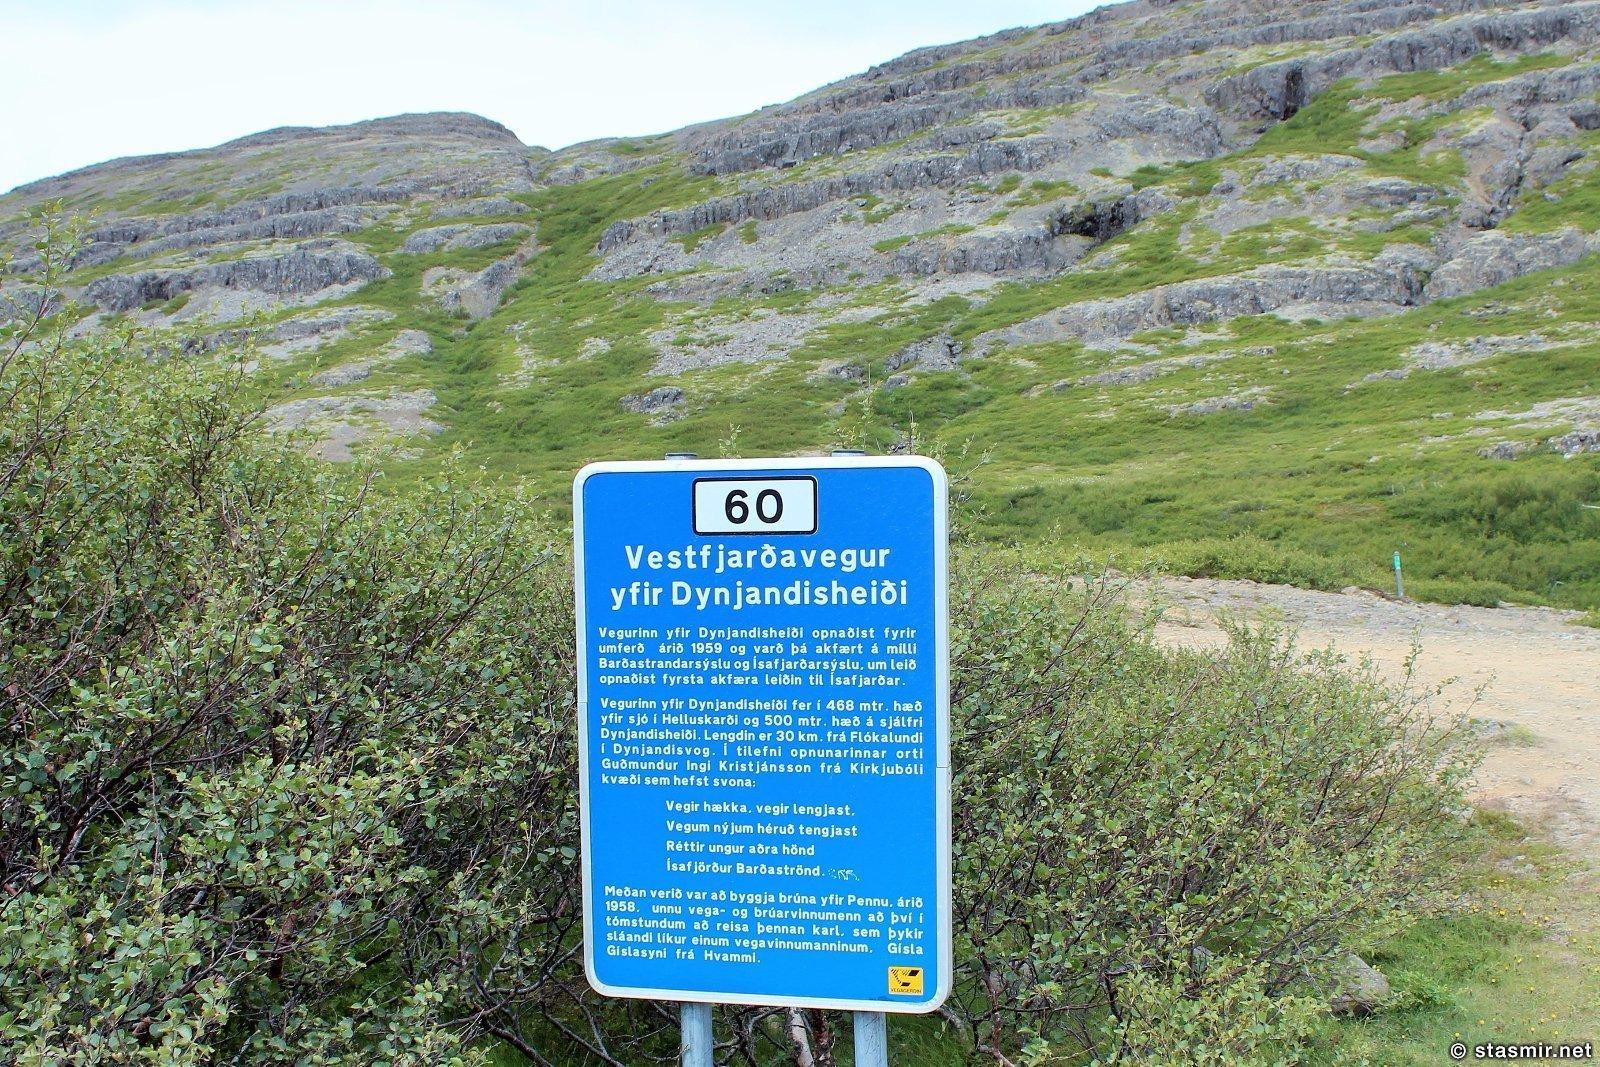 Знак о Gísli Síslason frá Hvammi, исландский юмор, practical joke, исландская скульптура, Photo Stasmir, фото Стасмир